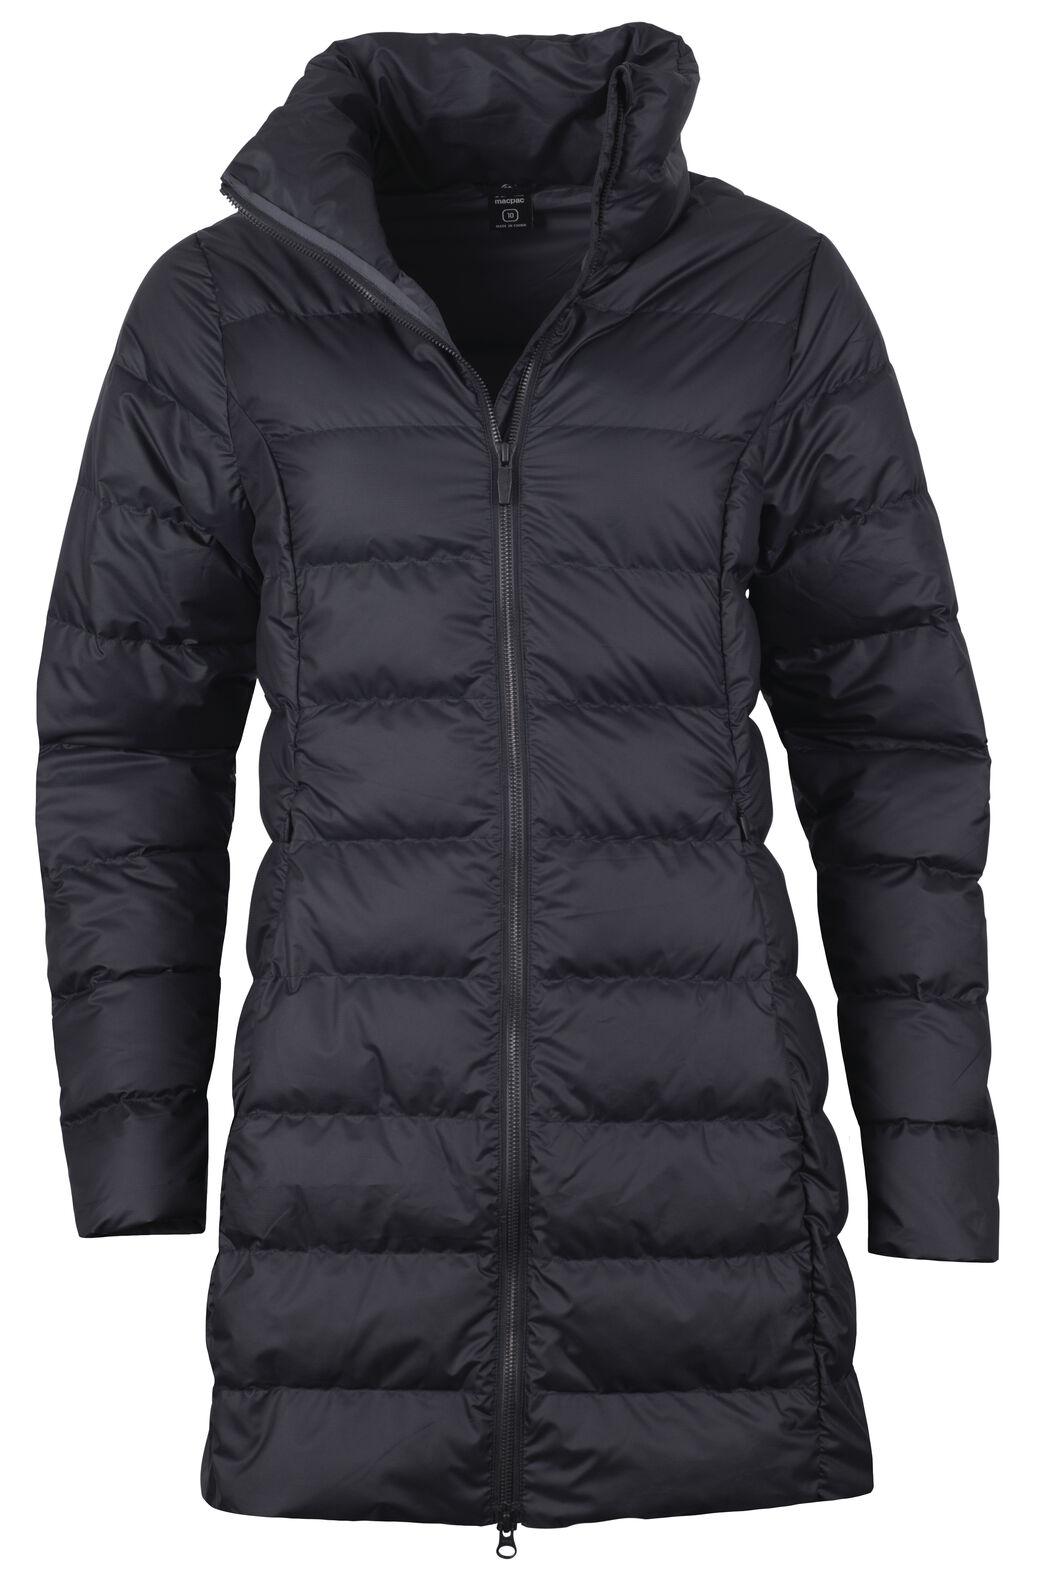 Demi Down Coat - Women's, Black, hi-res